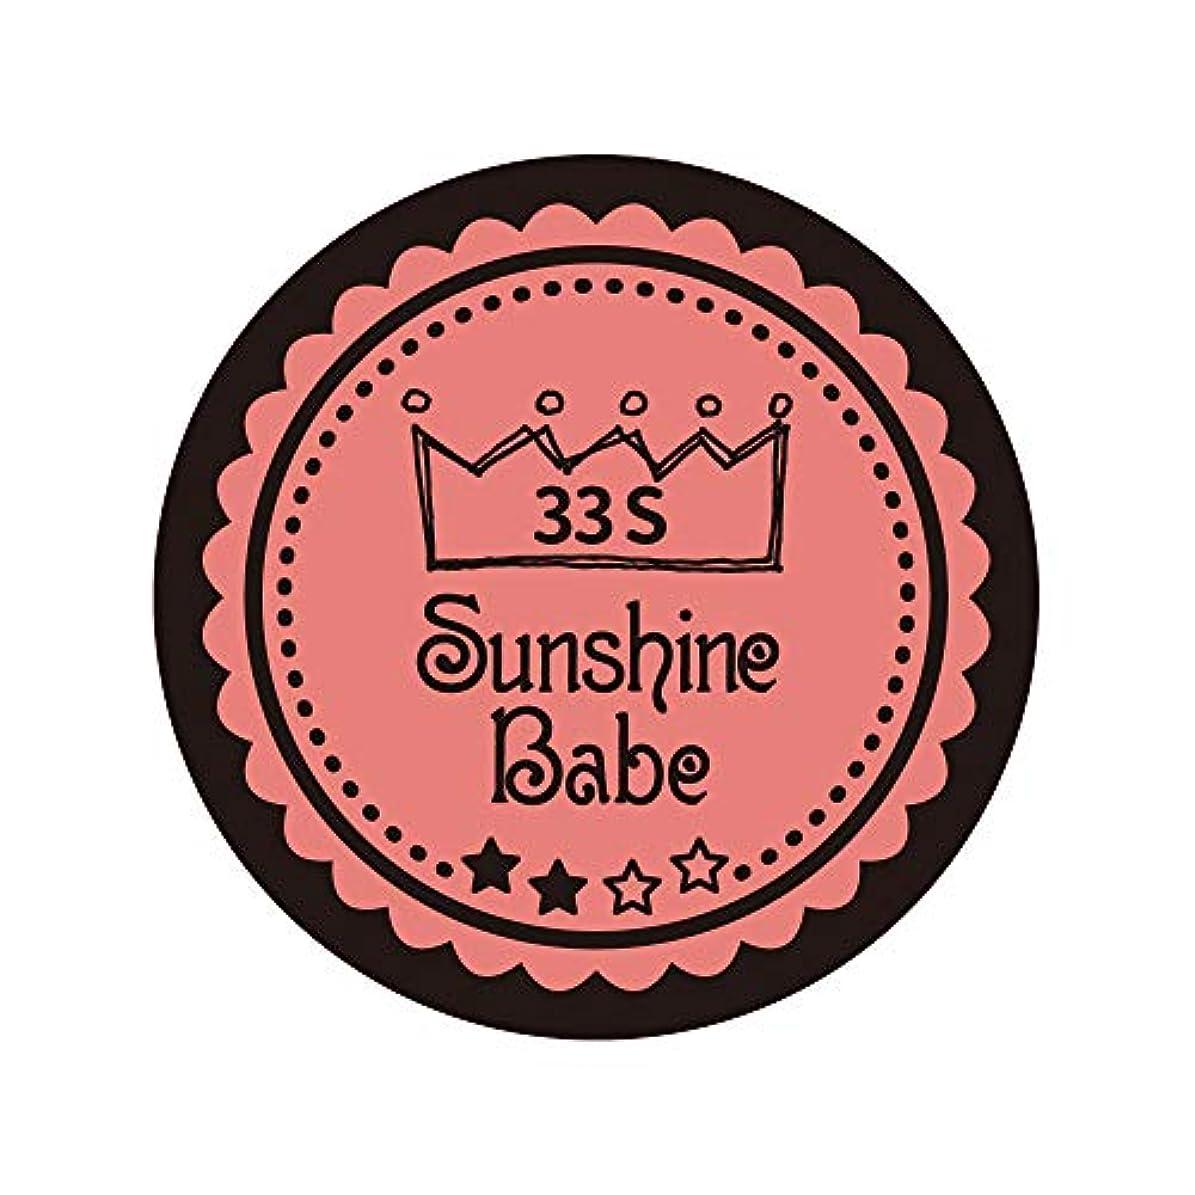 Sunshine Babe カラージェル 33S ベイクドコーラルピンク 2.7g UV/LED対応